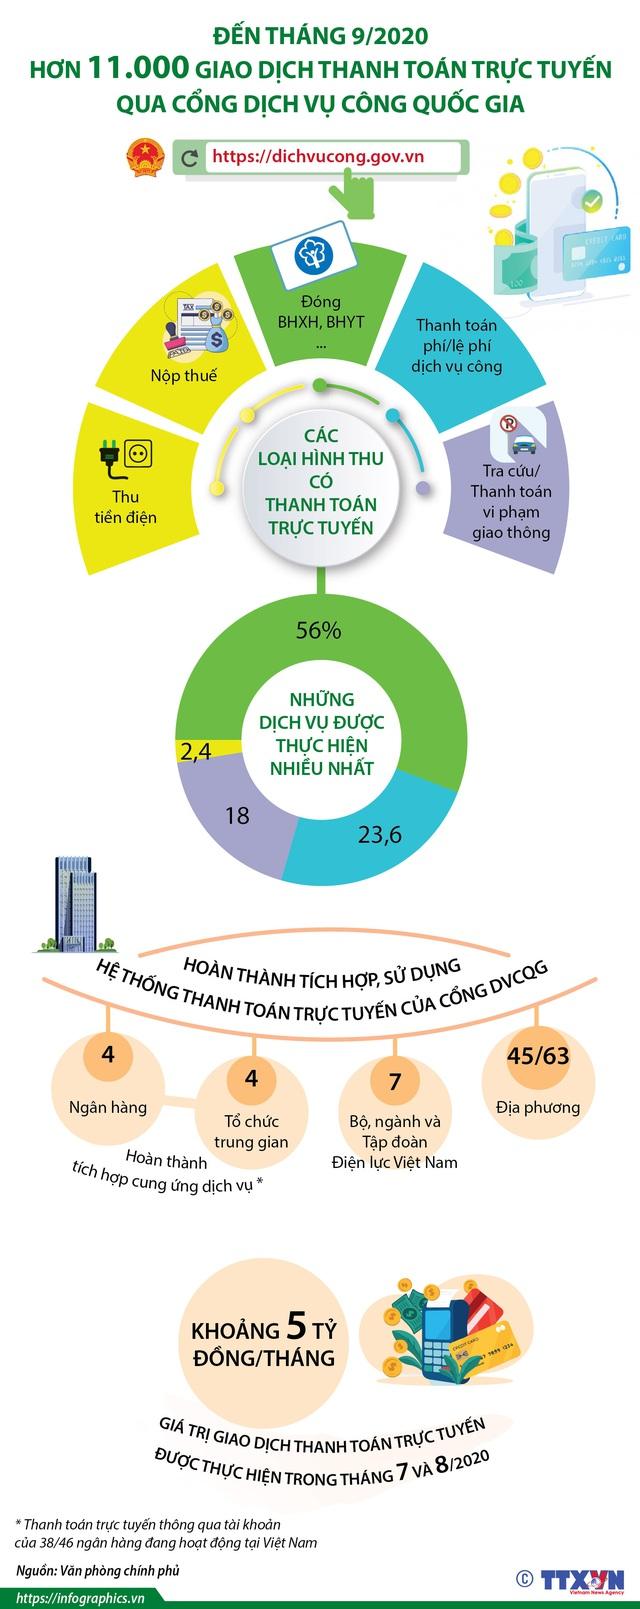 Hơn 11.000 giao dịch thanh toán trực tuyến qua Cổng Dịch vụ công quốc gia - Ảnh 1.